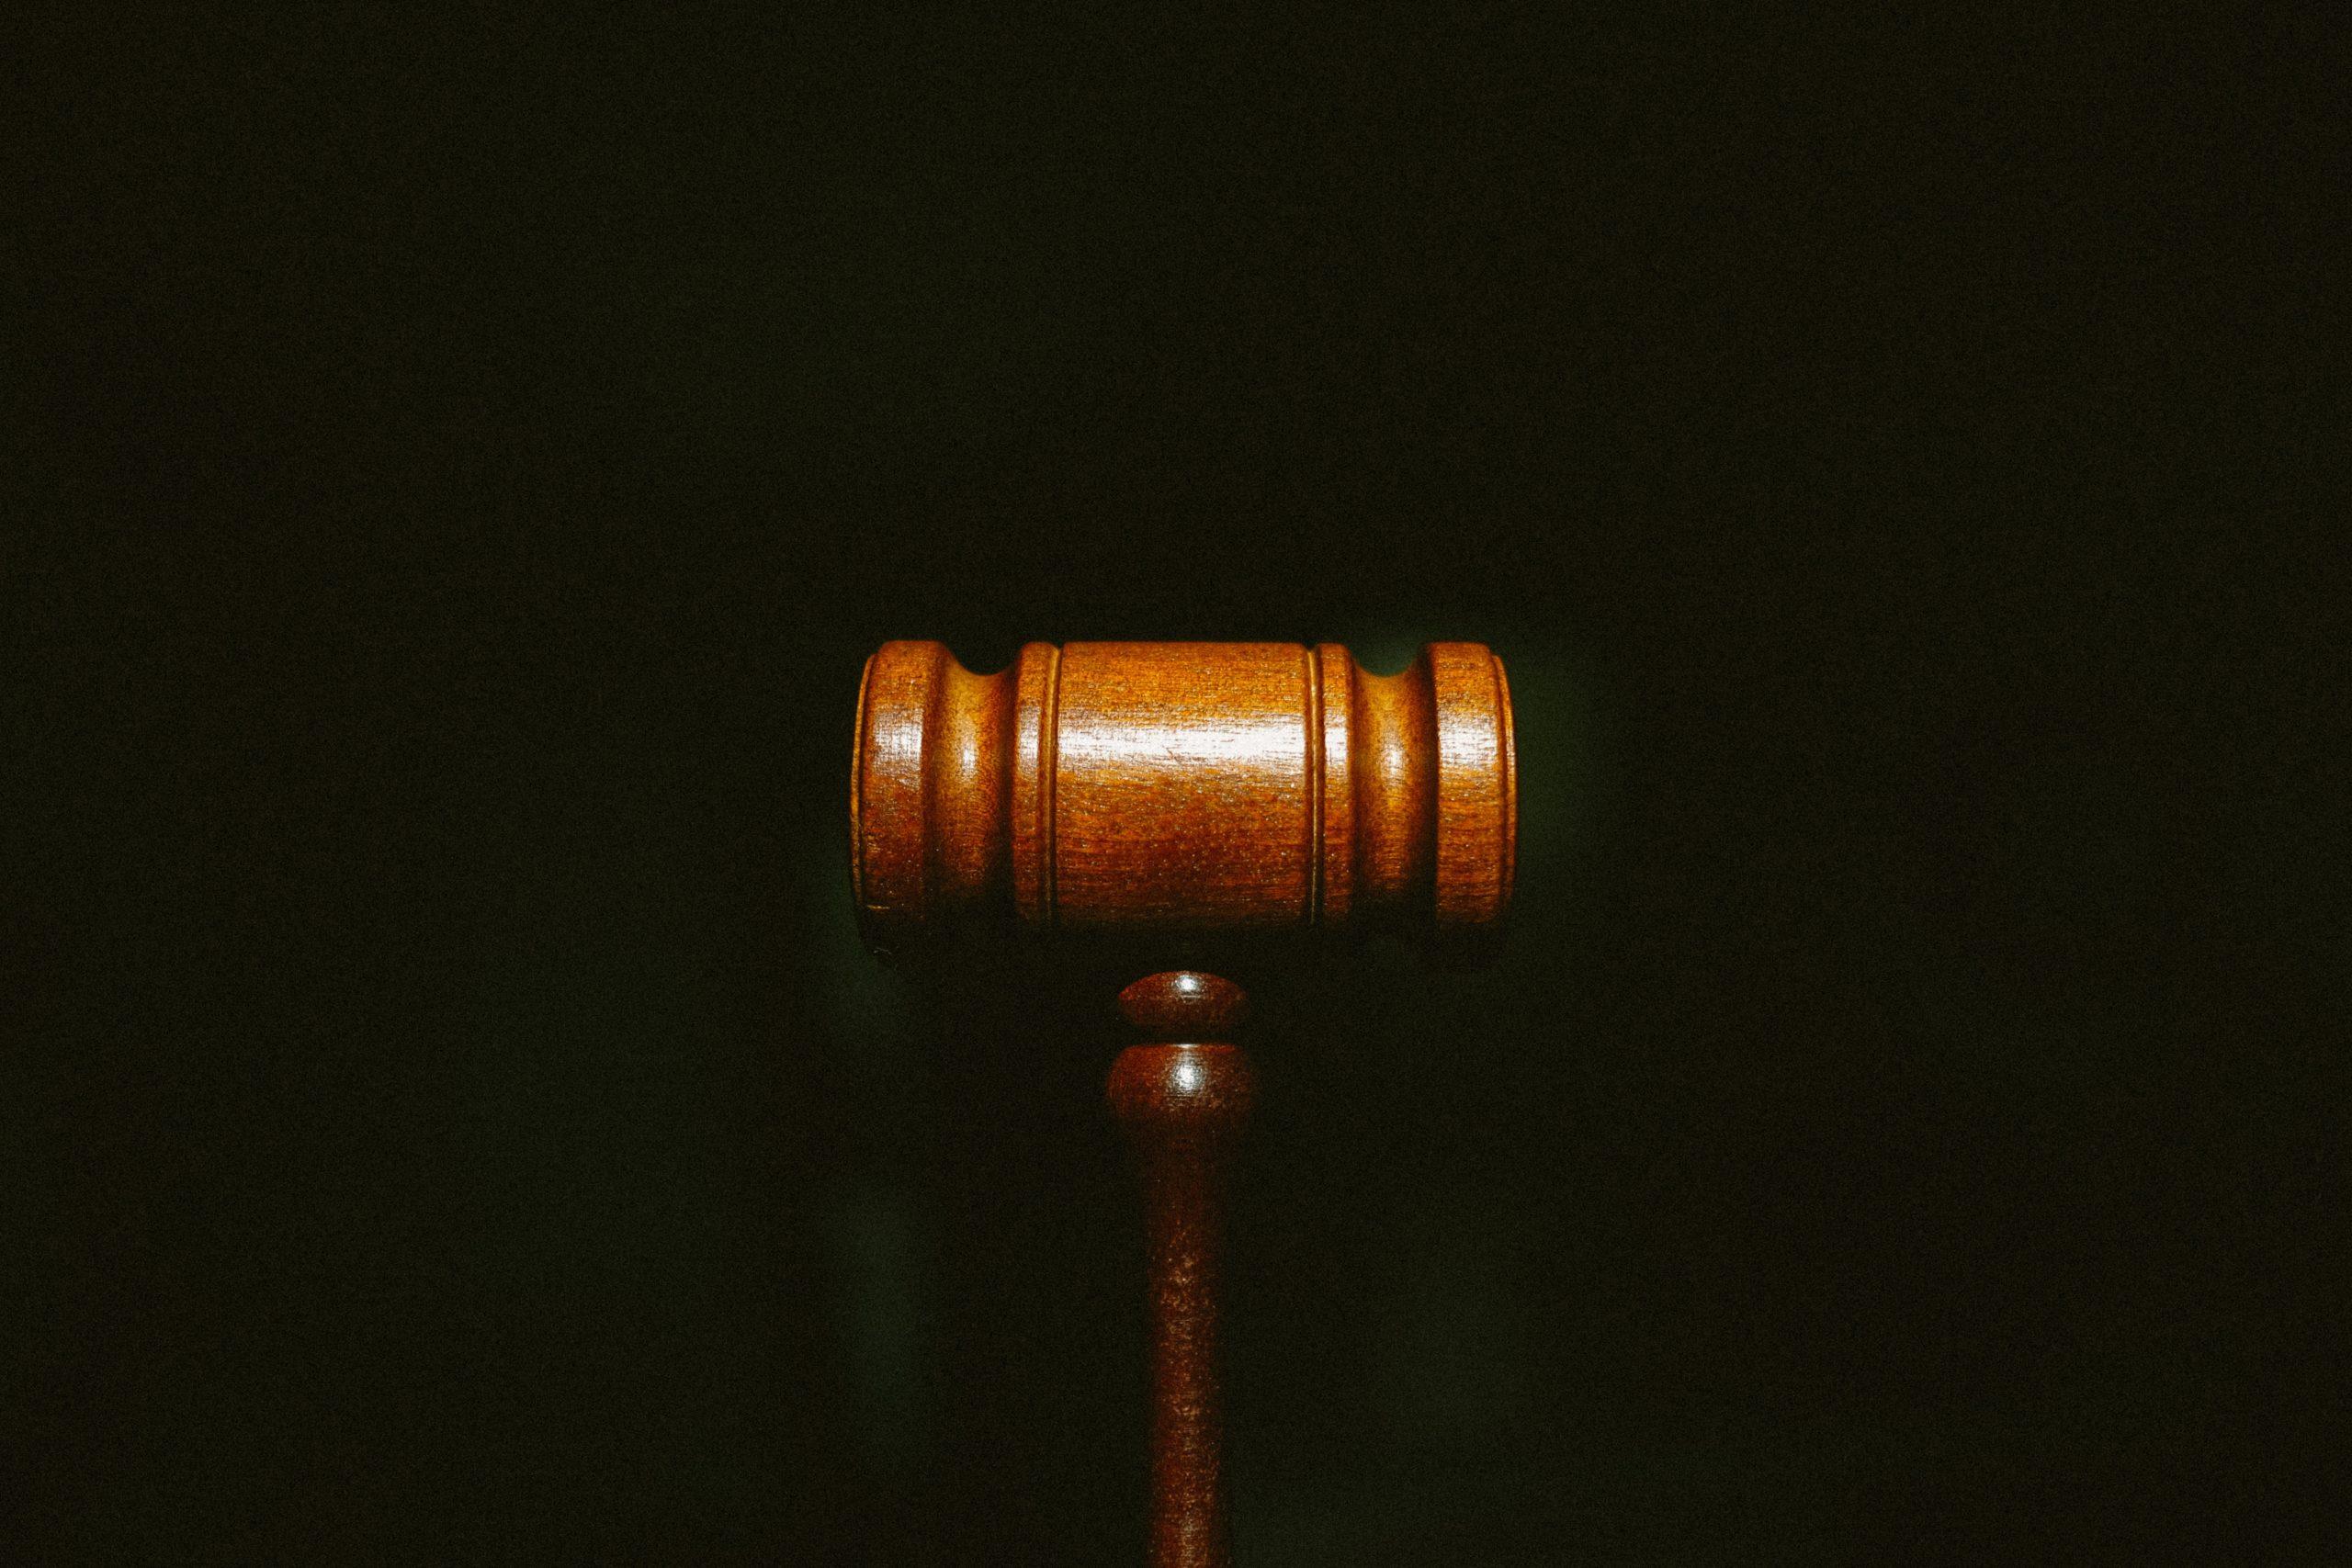 tingey injury law firm nSpj Z12lX0 unsplash scaled